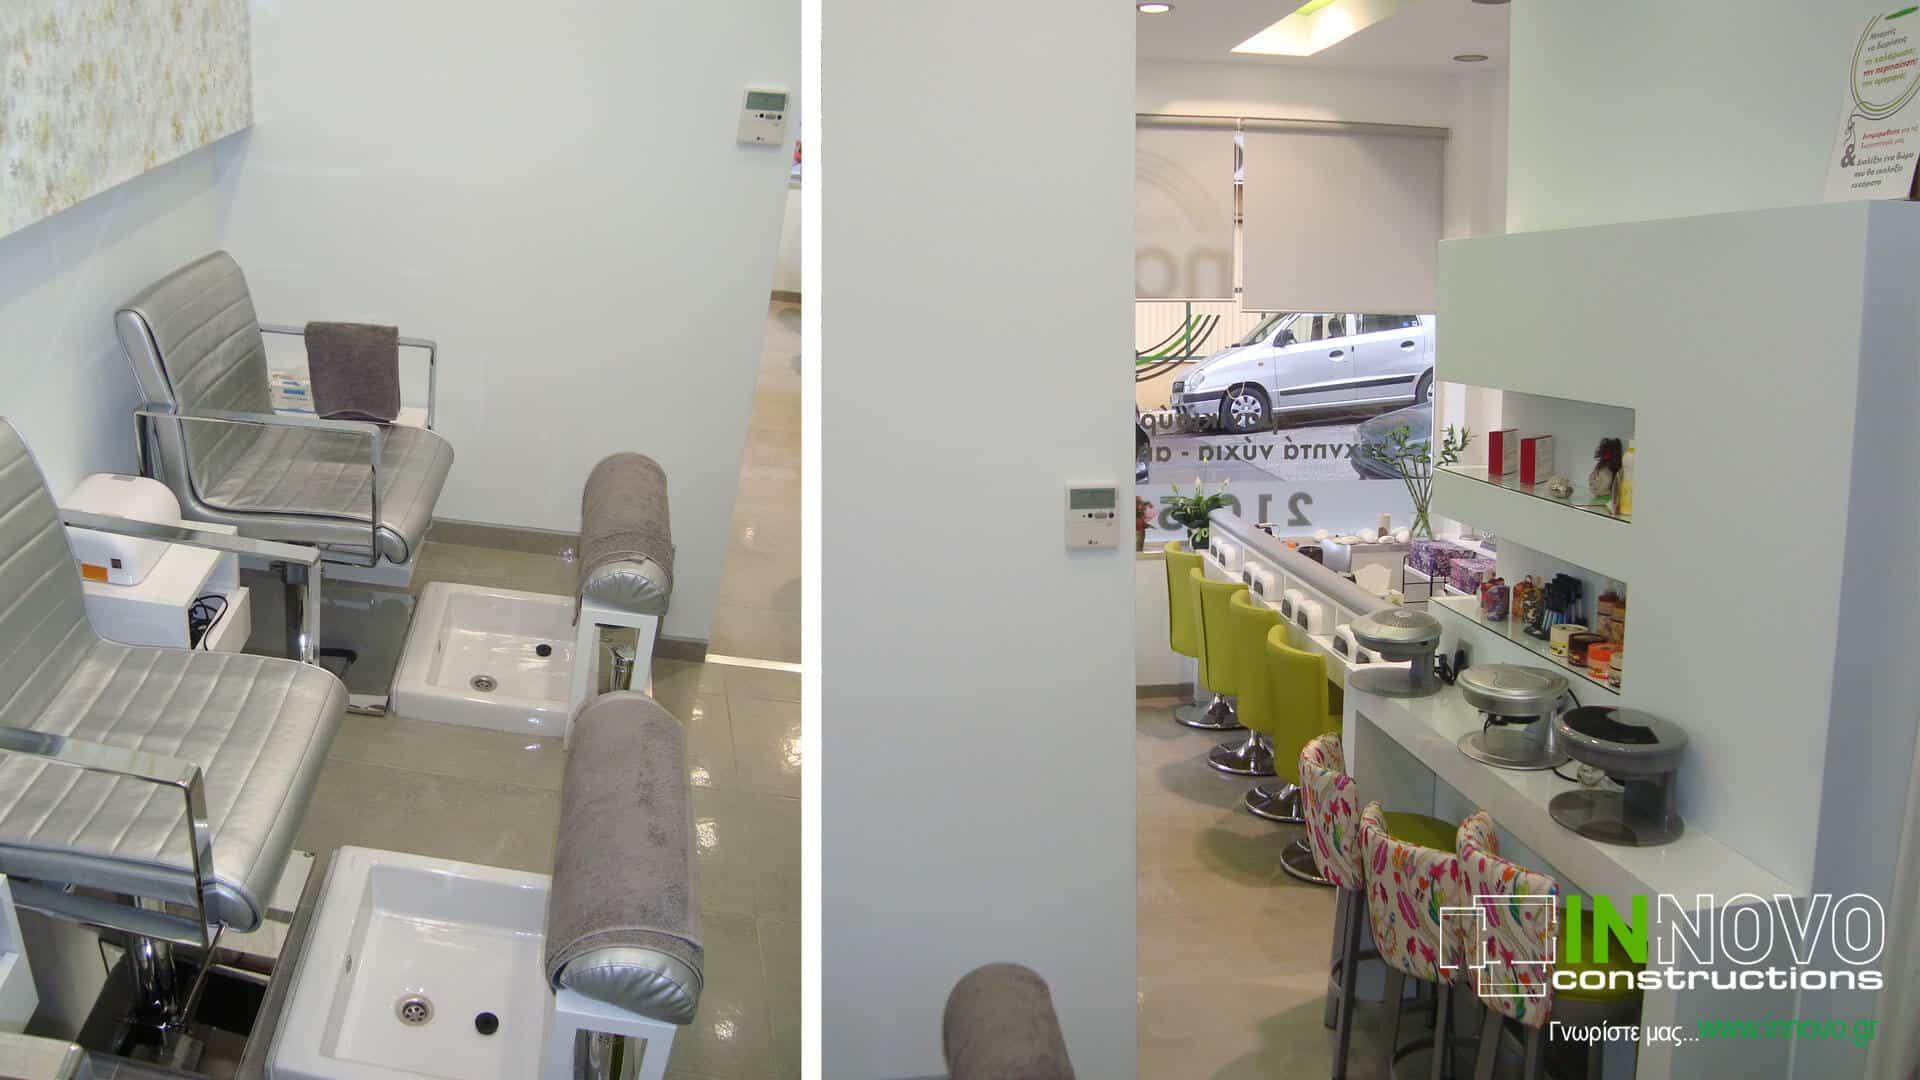 anakainisi-kommotiriou-hairdressers-renovation-pentikiour-perissos-1166-4